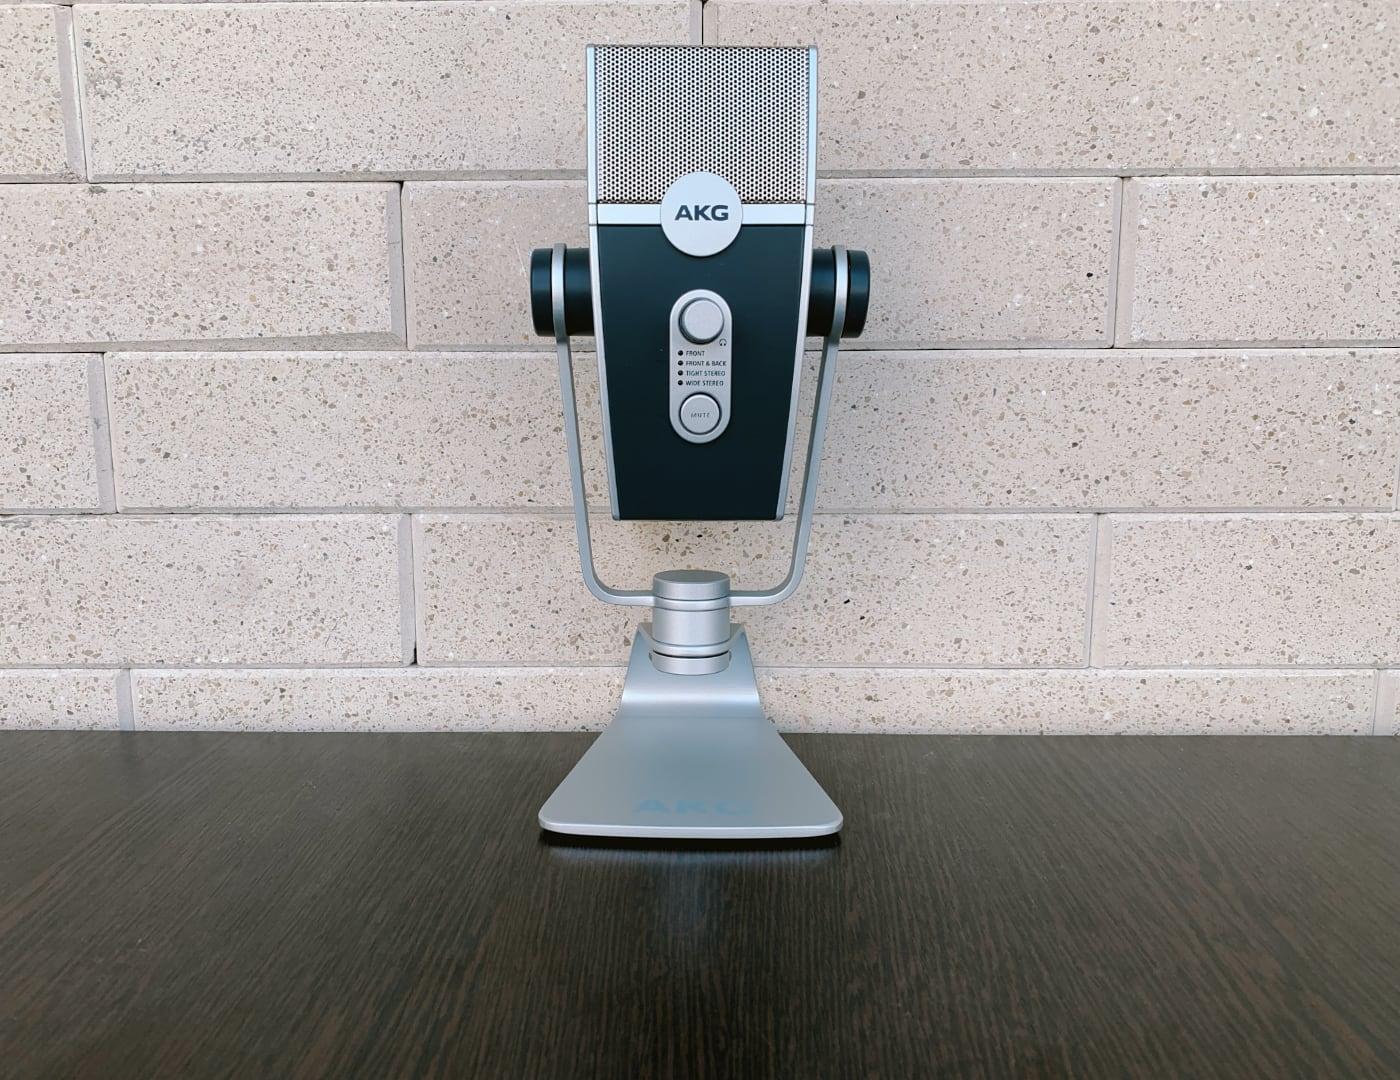 Микрофон AKG Lyra вид спереди